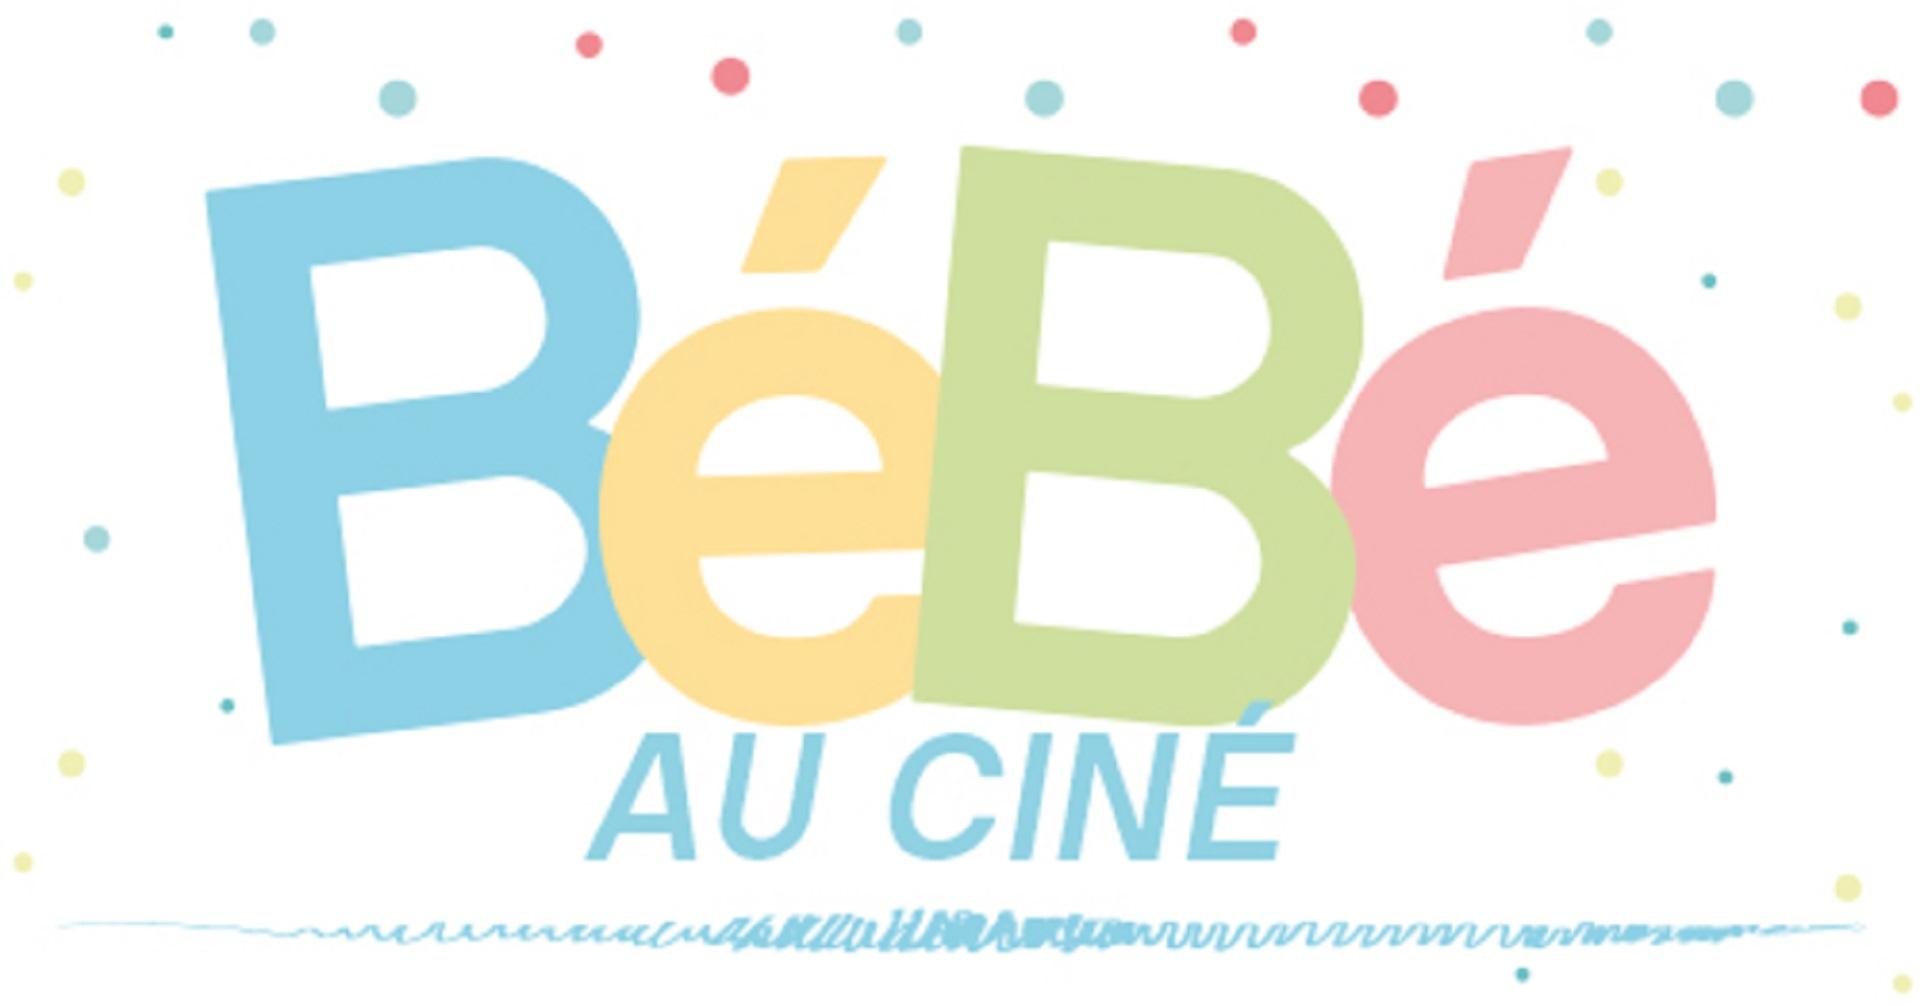 Quai10 - Bébé au ciné